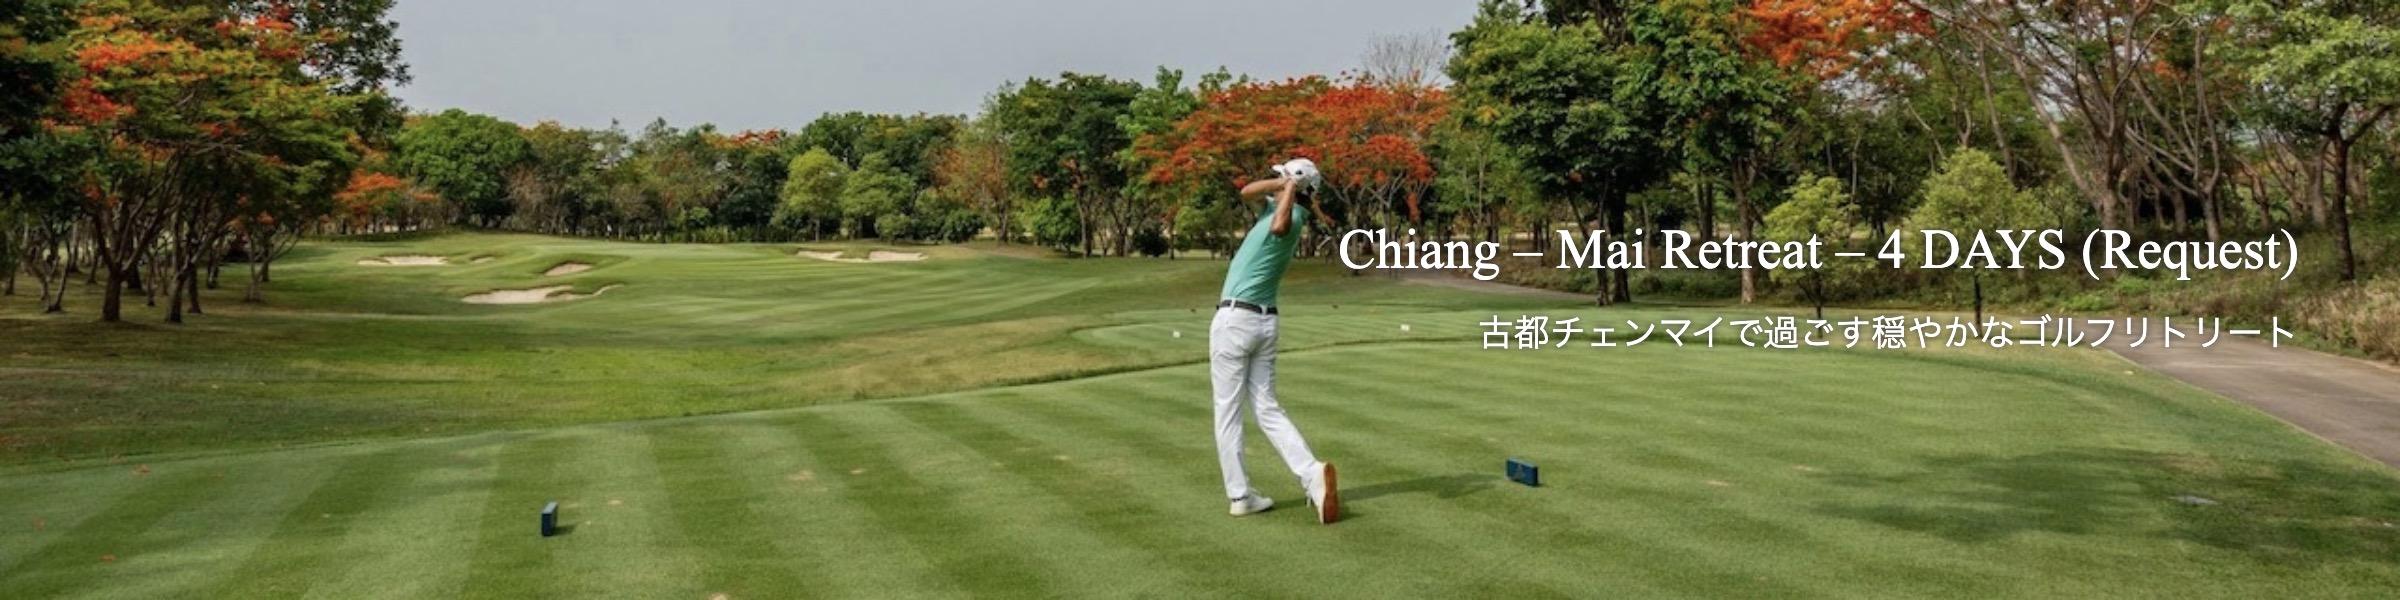 Thai-golf-retreat-headder7